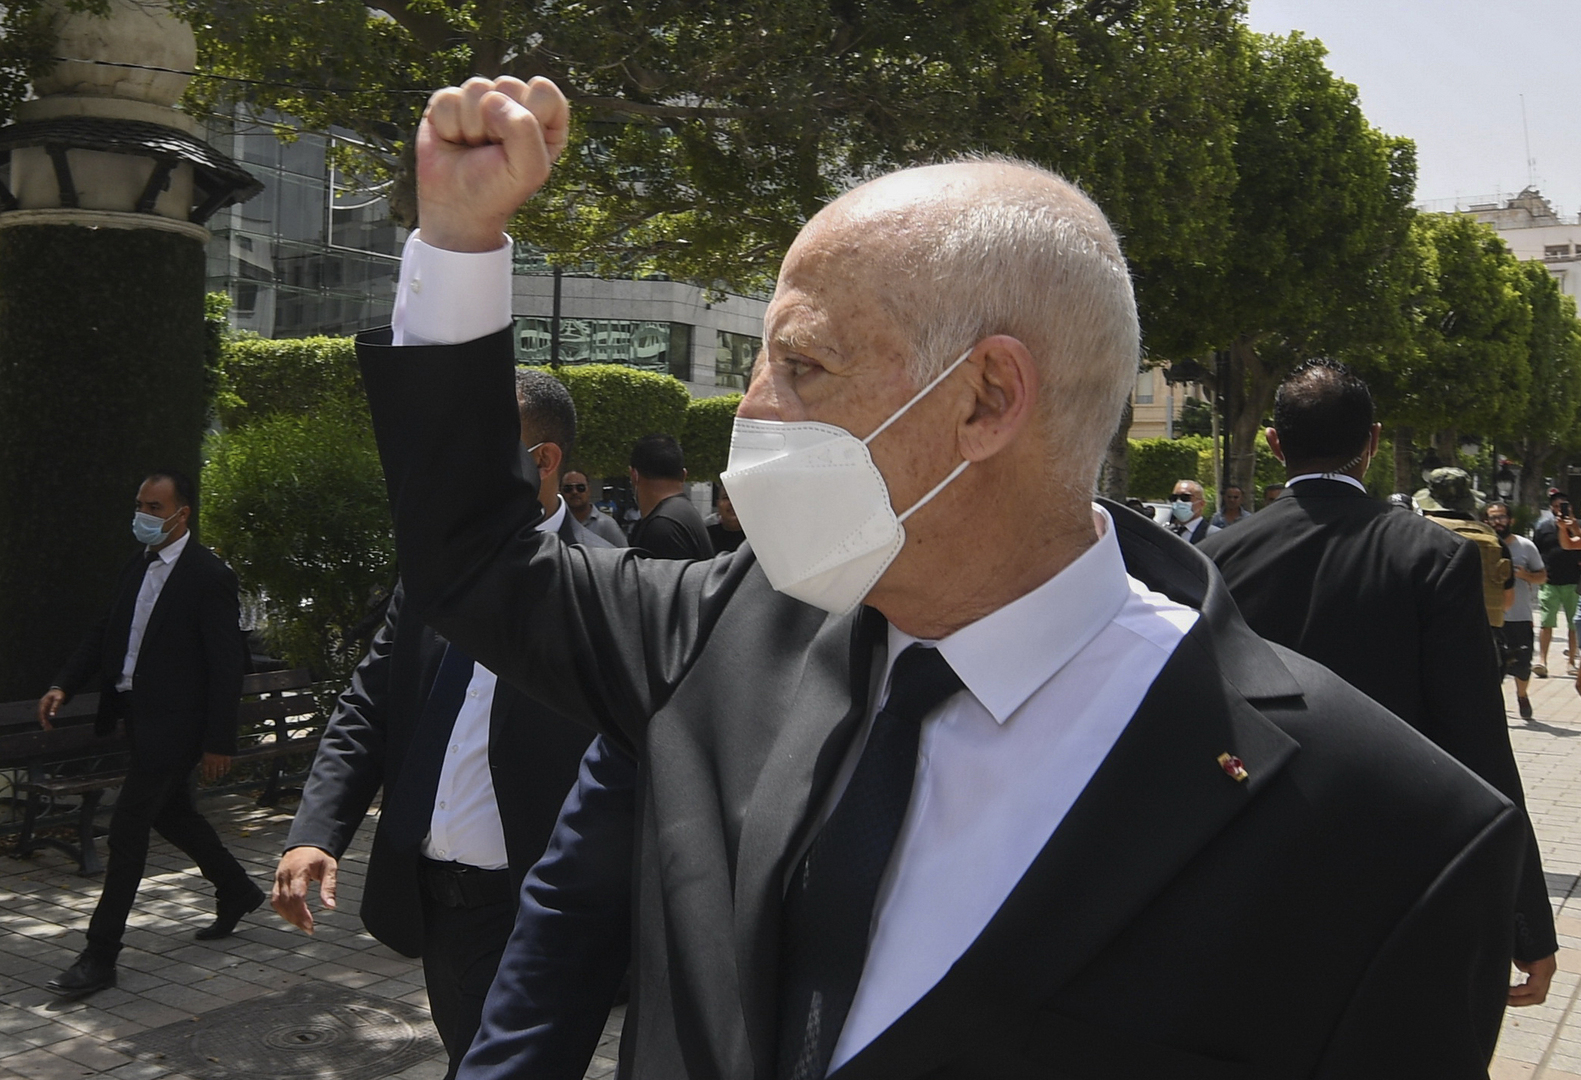 تونس في الأمم المتحدة: تدابير سعيد تهدف إلى إرساء ديمقراطية حقيقية